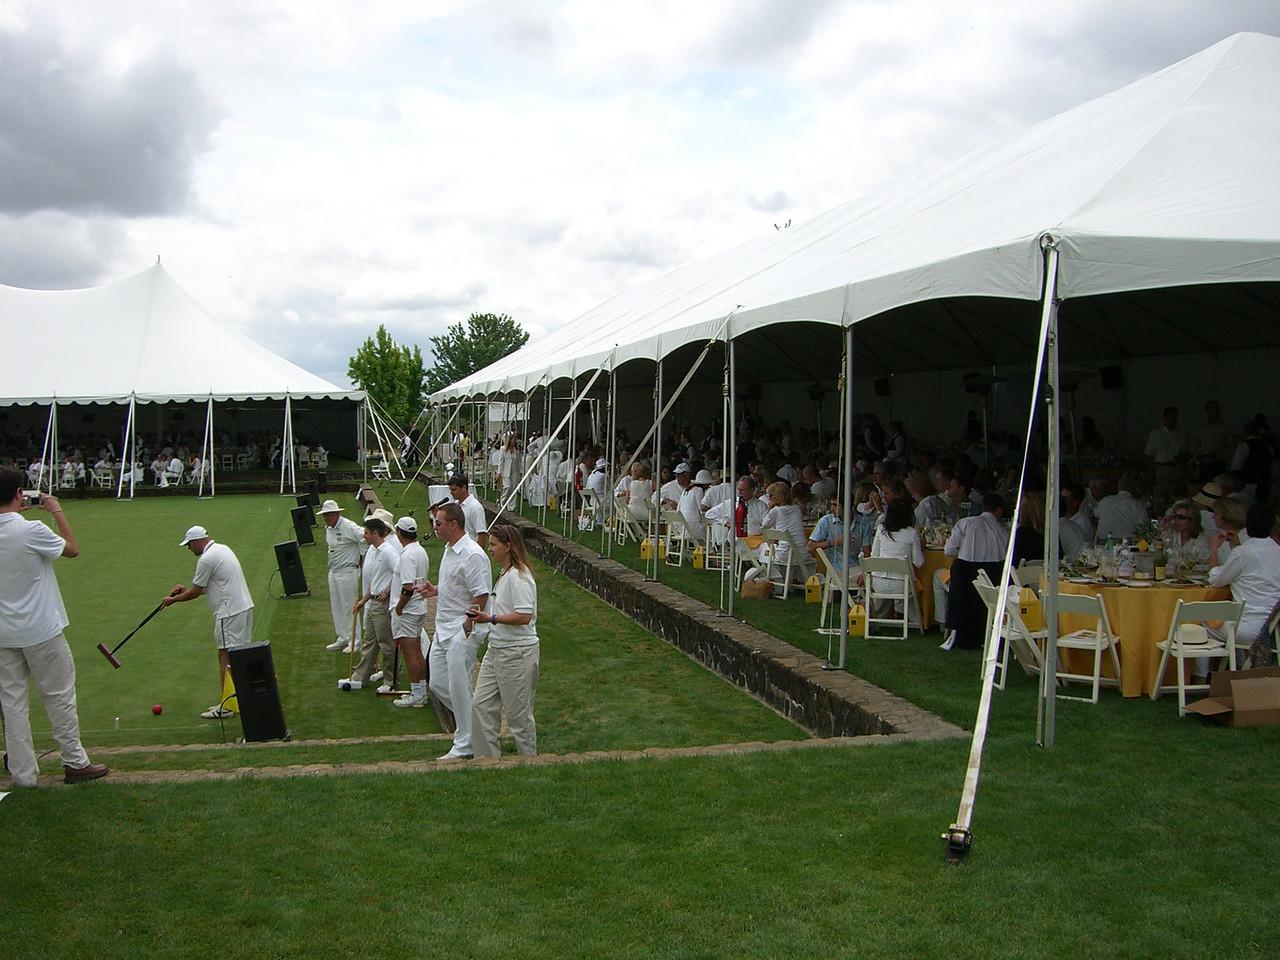 2006 05 20 Sat - Croquet Tournament 1